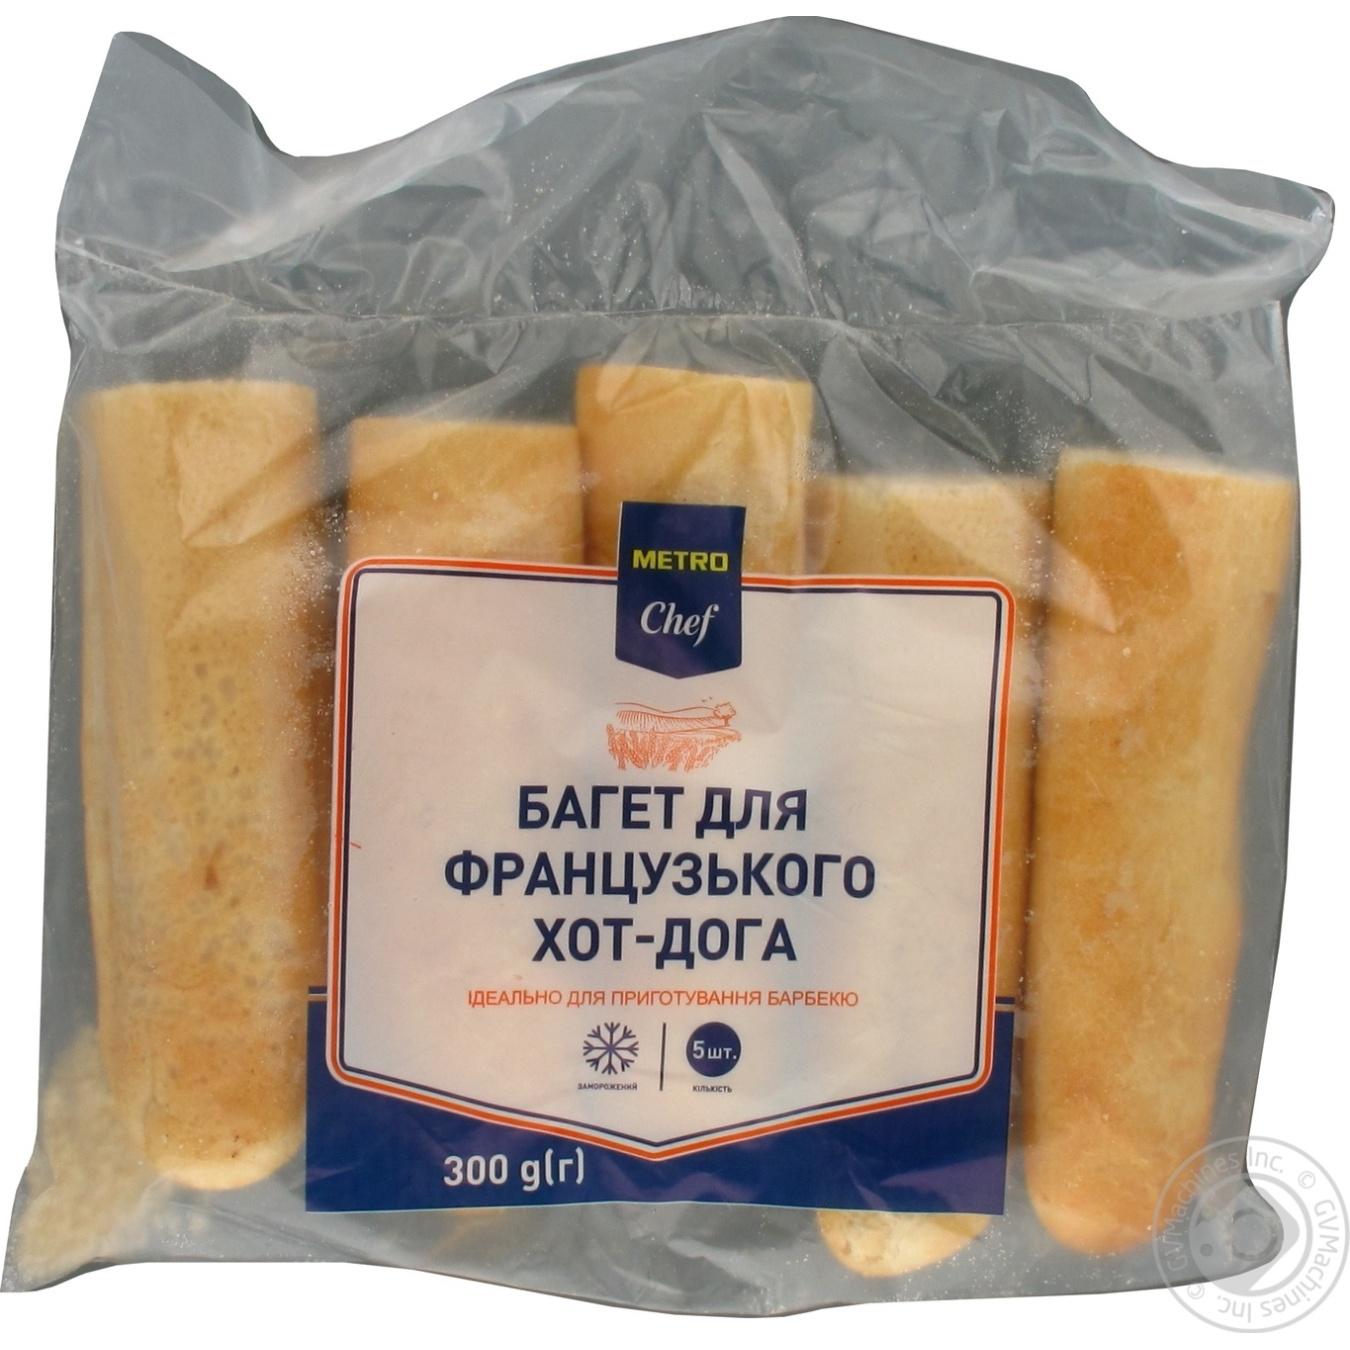 Купить Багет METRO Chef для французского хот-дога замороженный 5шт 300г